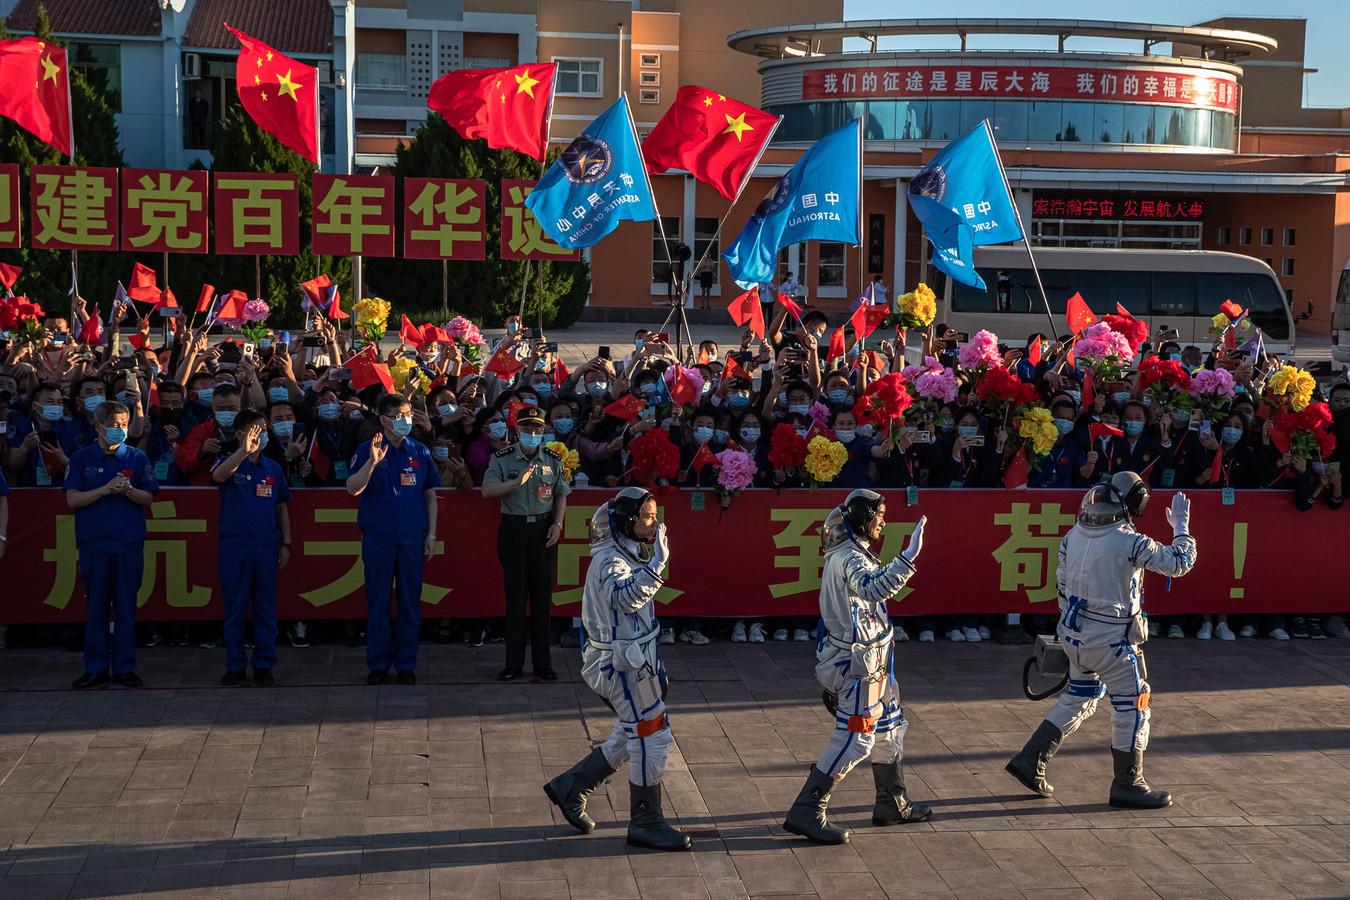 De Chinese astronauten Tang Hongbo, Nie Haisheng, en Liu Boming zwaaien tijdens een vertrekceremonie voorafgaande aan hun ruimtevlucht naar het Hemels Paleis 'Tiangong', het eerste echte ruimtestation van het land.